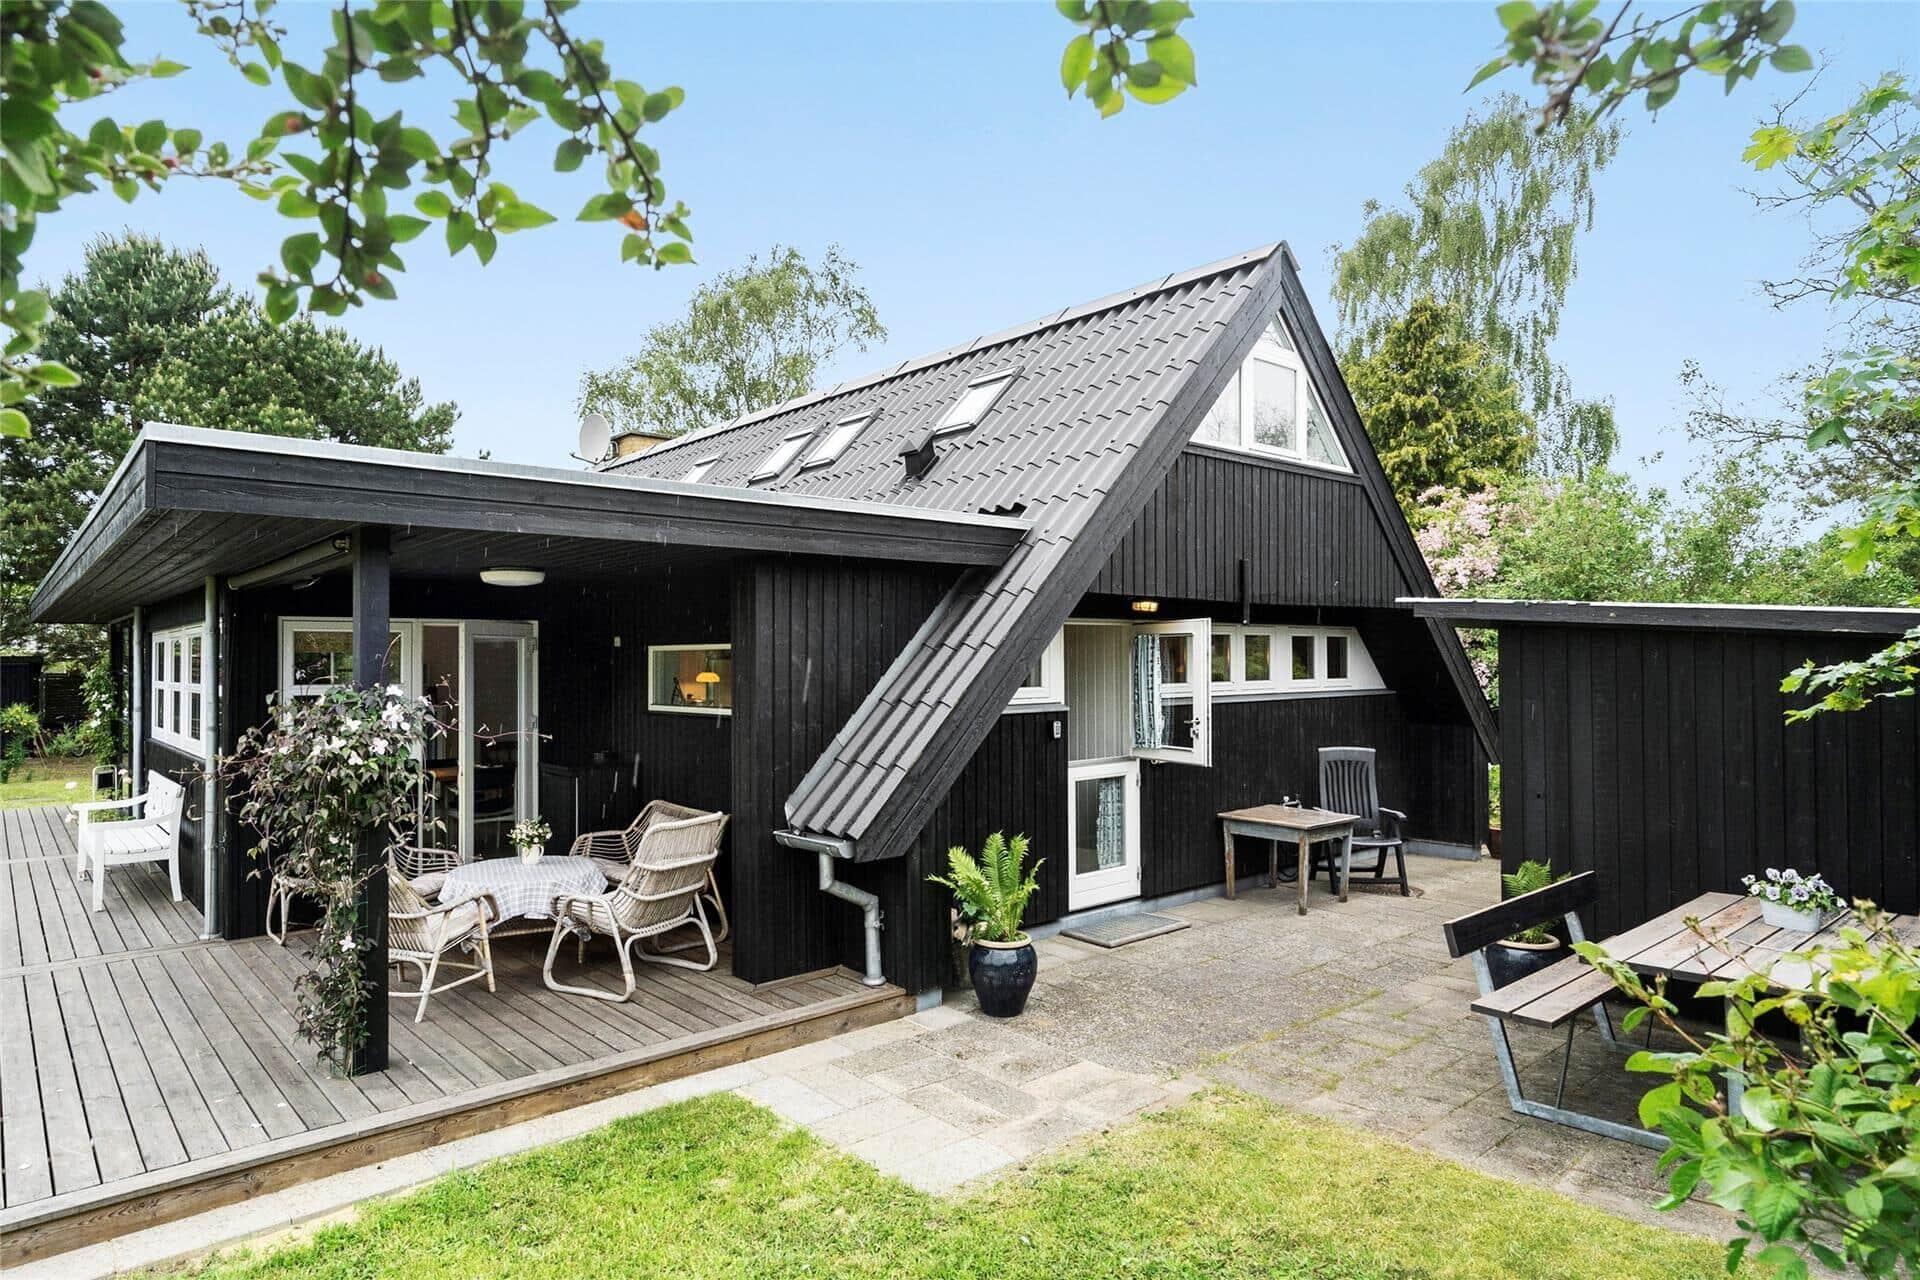 Billede 1-19 Sommerhus 30416, Posmosevej 7, DK - 8300 Odder